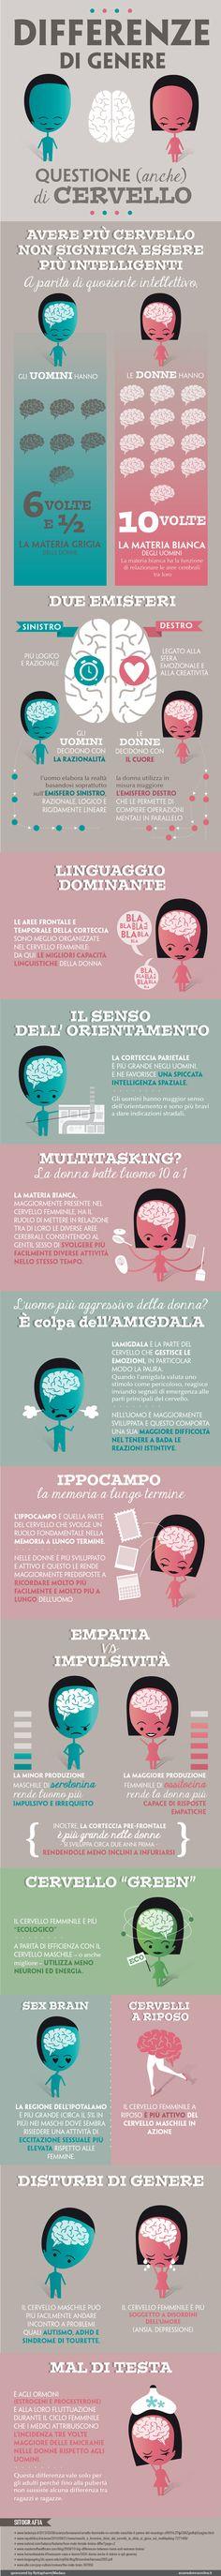 Differenze di genere? Questione anche di cervello - Infografica esseredonnaonline.it- illustrated by Alice Kle Borghi, kleland.com , brain woman vs man